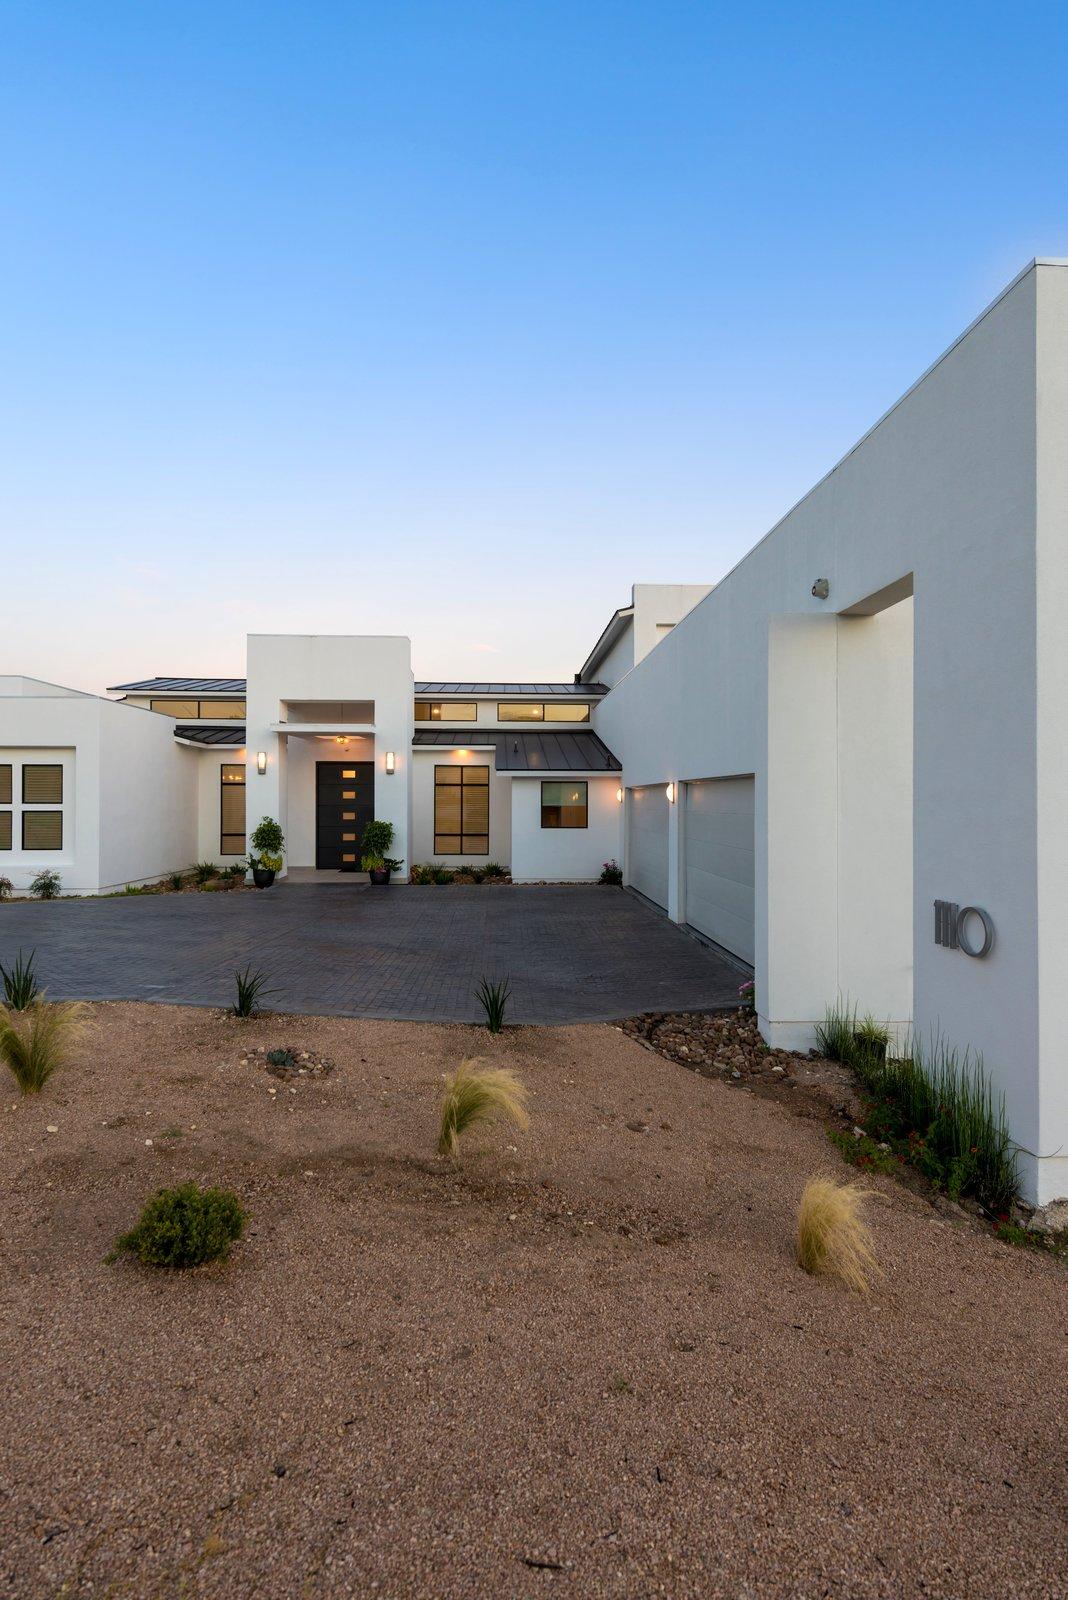 FRONT  ORVANANOS HOUSE by OSCAR E FLORES DESIGN STUDIO